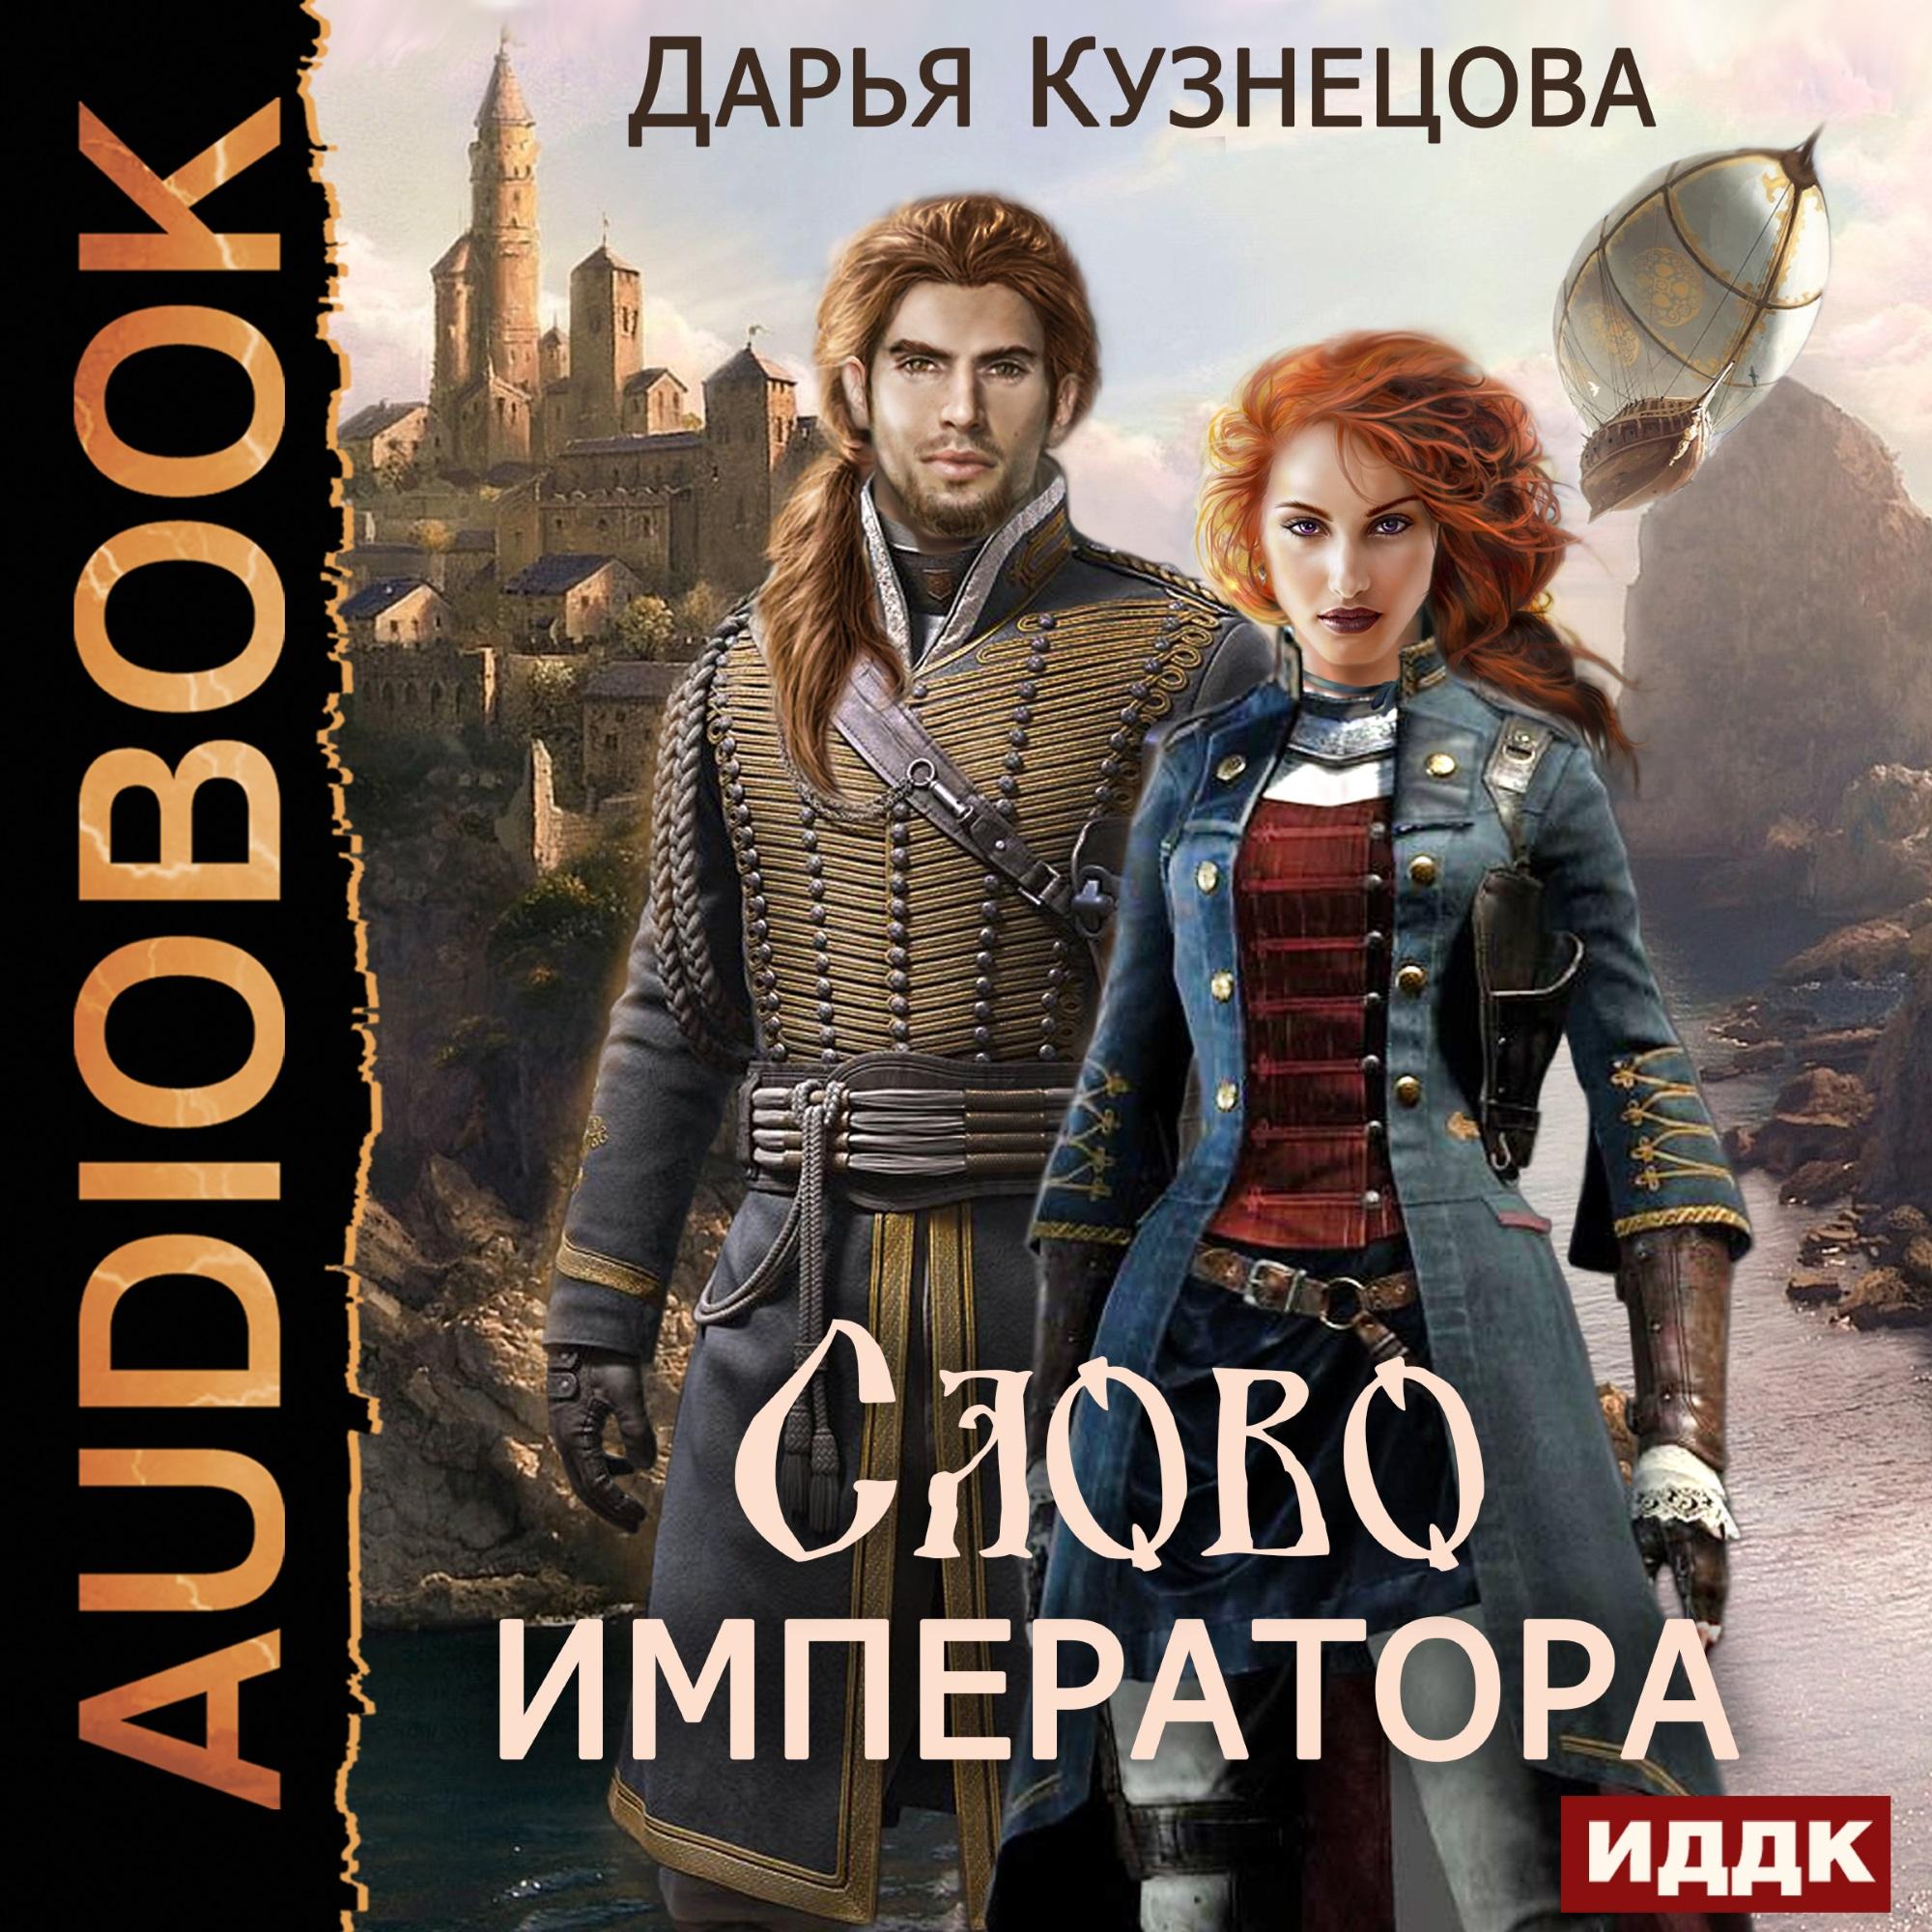 Слово Императора (Цифровая версия)Слово Императора – фантастический роман Дарьи Кузнецовой, жанр любовное фэнтези.<br>